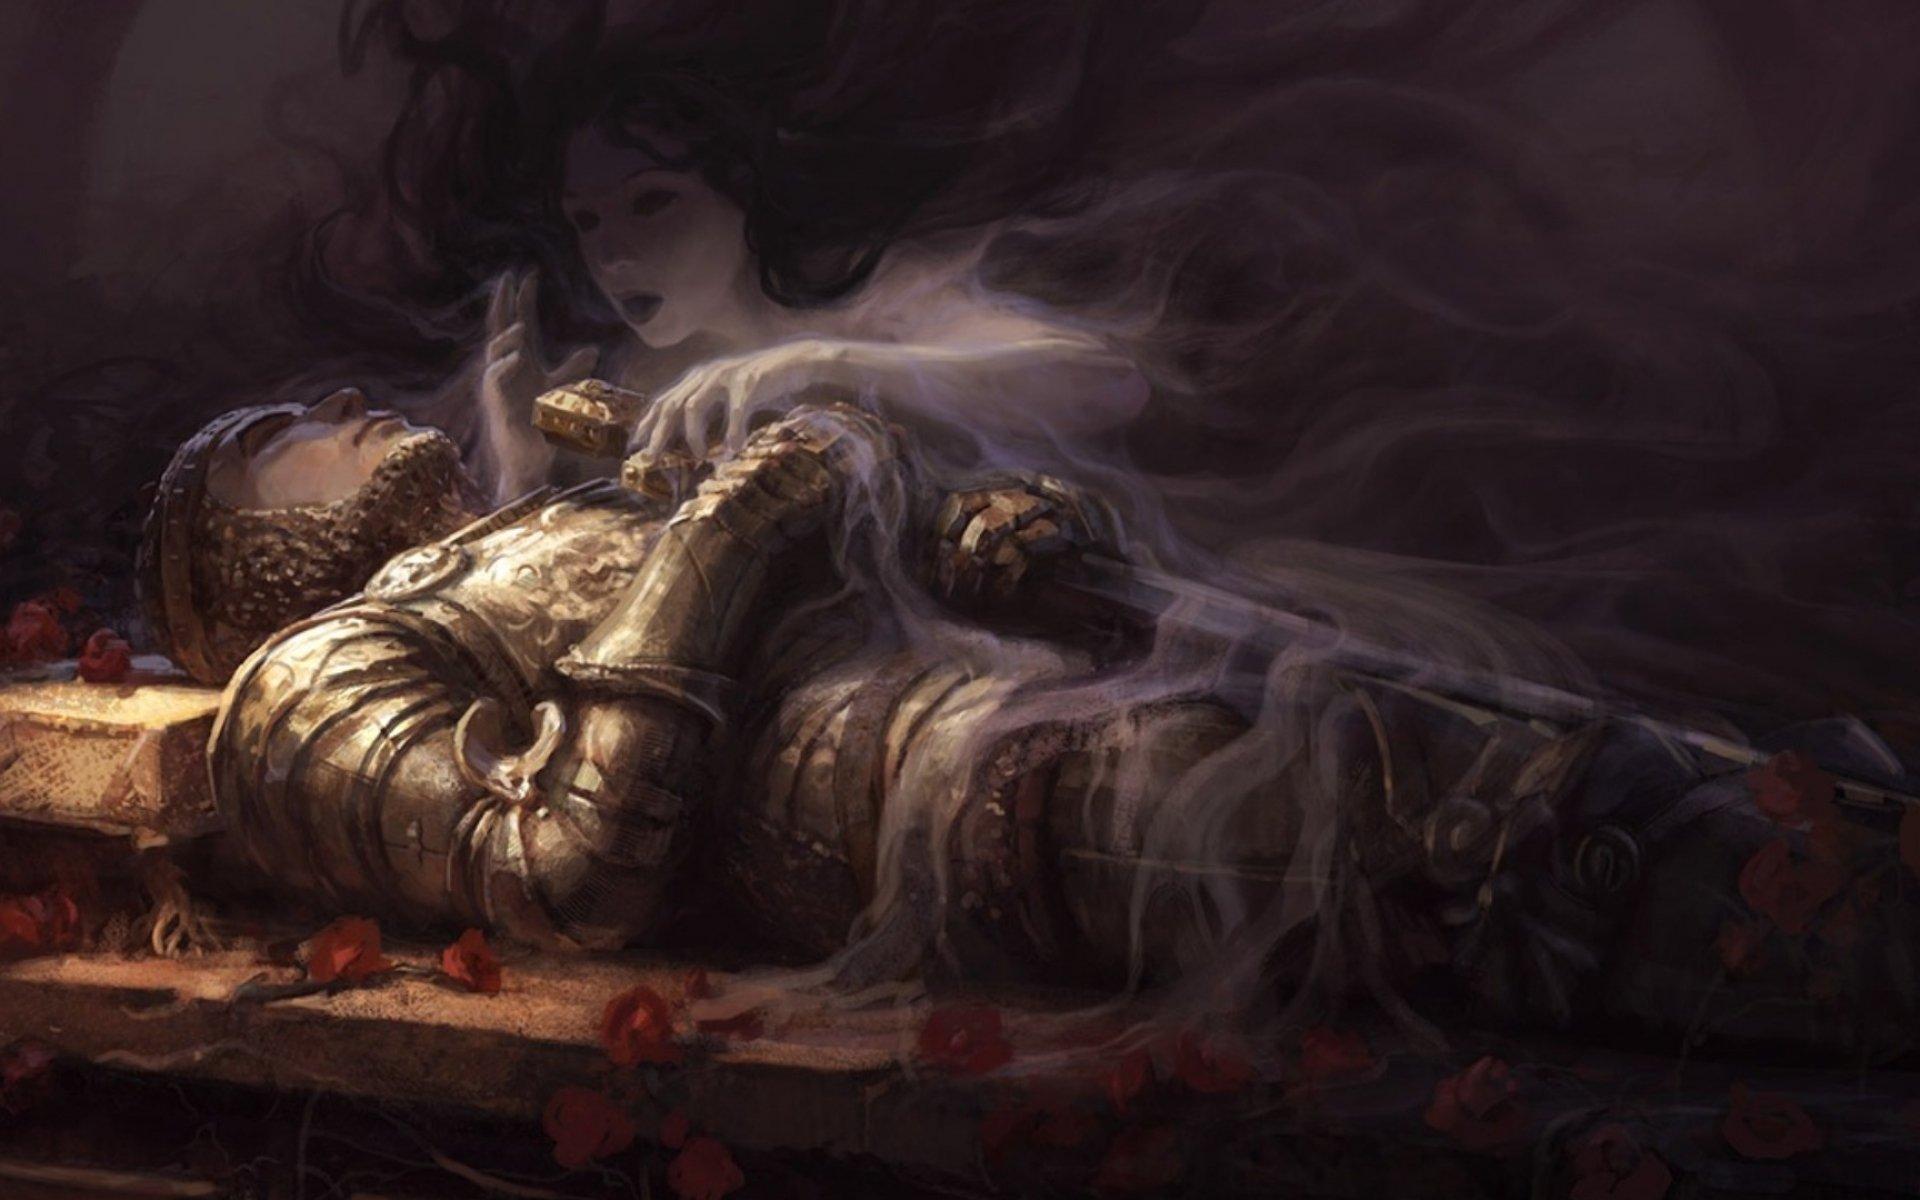 Fantasy knight art